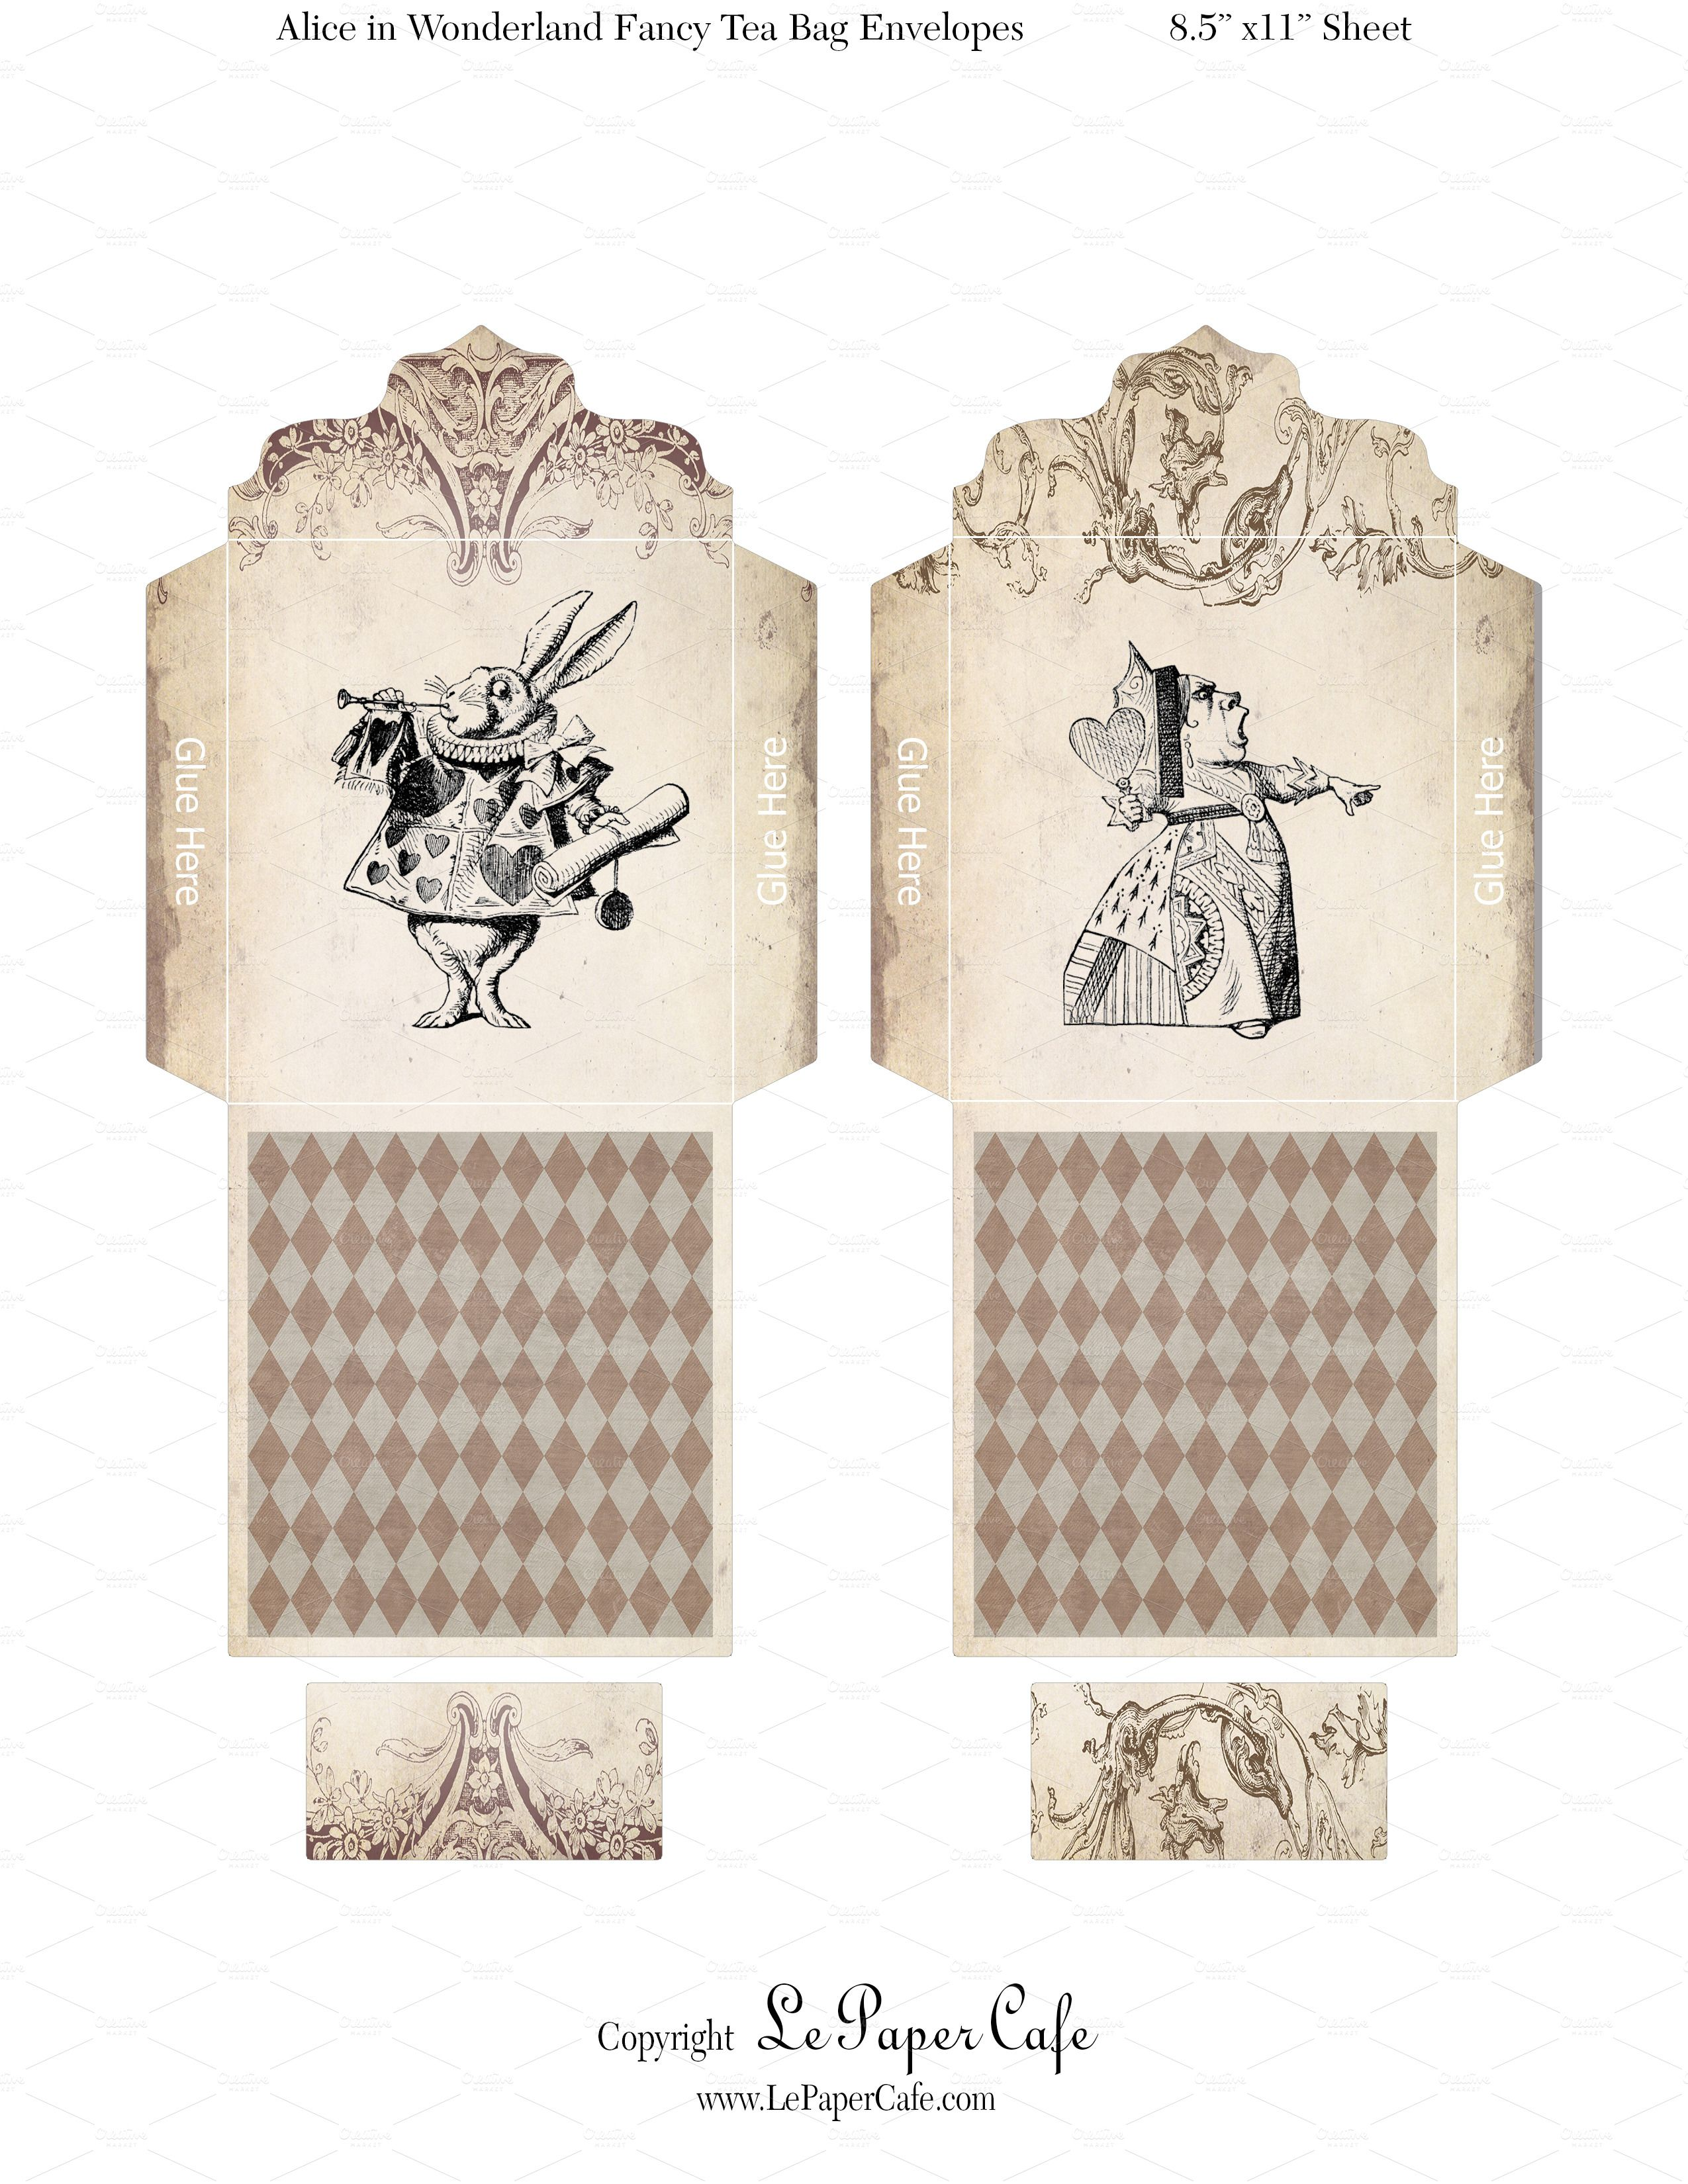 Free Printable Tea Bag Envelope Alice In Wonderland